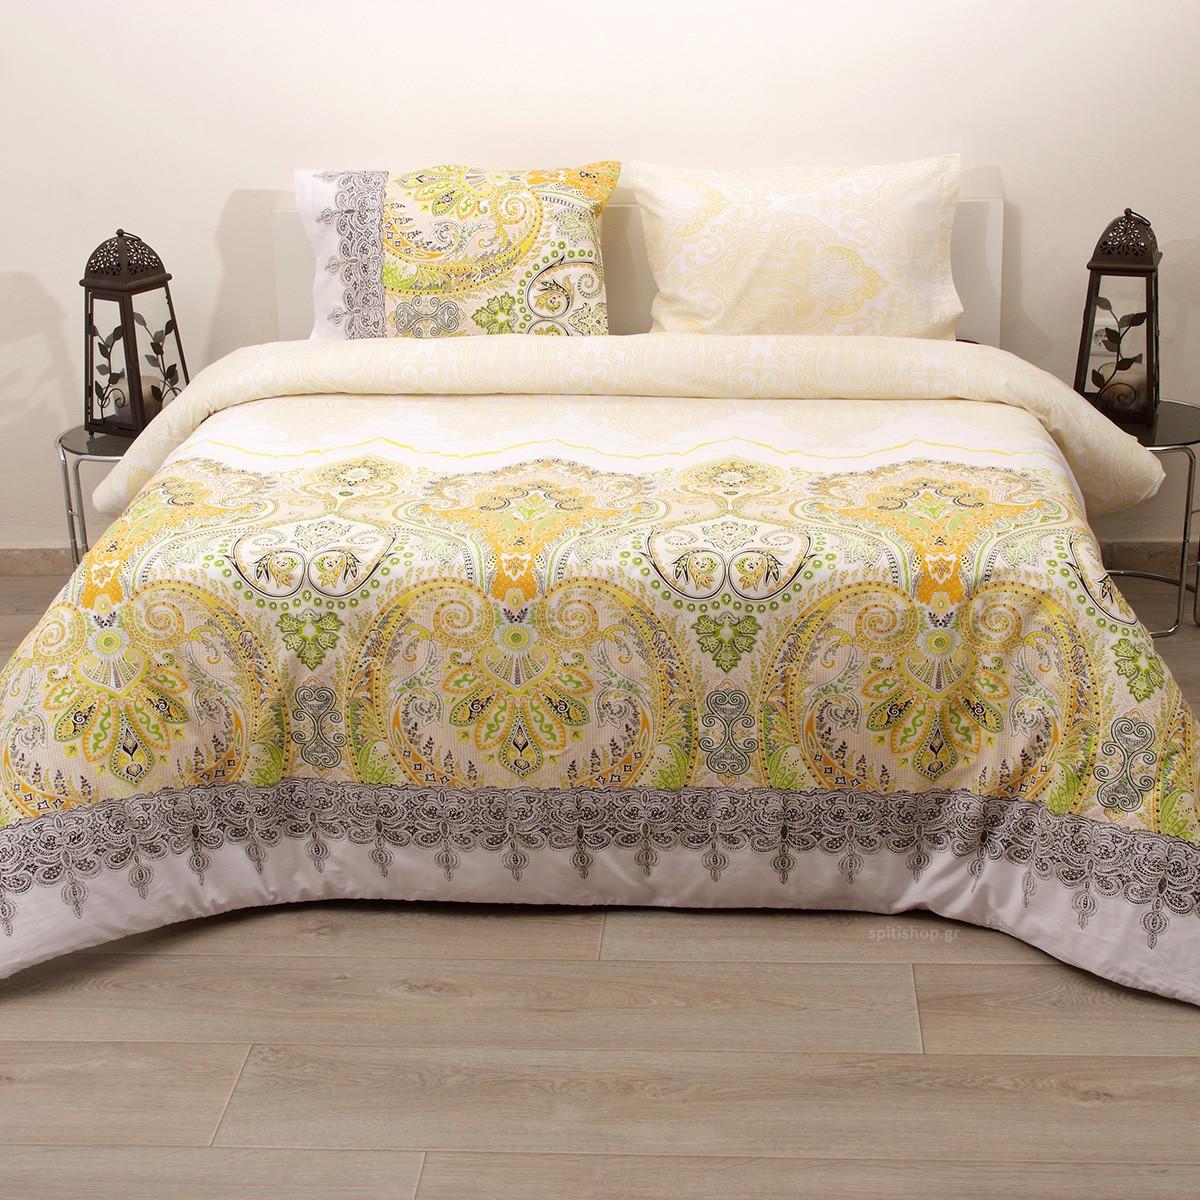 Κουβερλί Ημίδιπλο (Σετ) Viopros Fresh Ίντι home   κρεβατοκάμαρα   κουβερλί   κουβερλί ημίδιπλα   διπλά